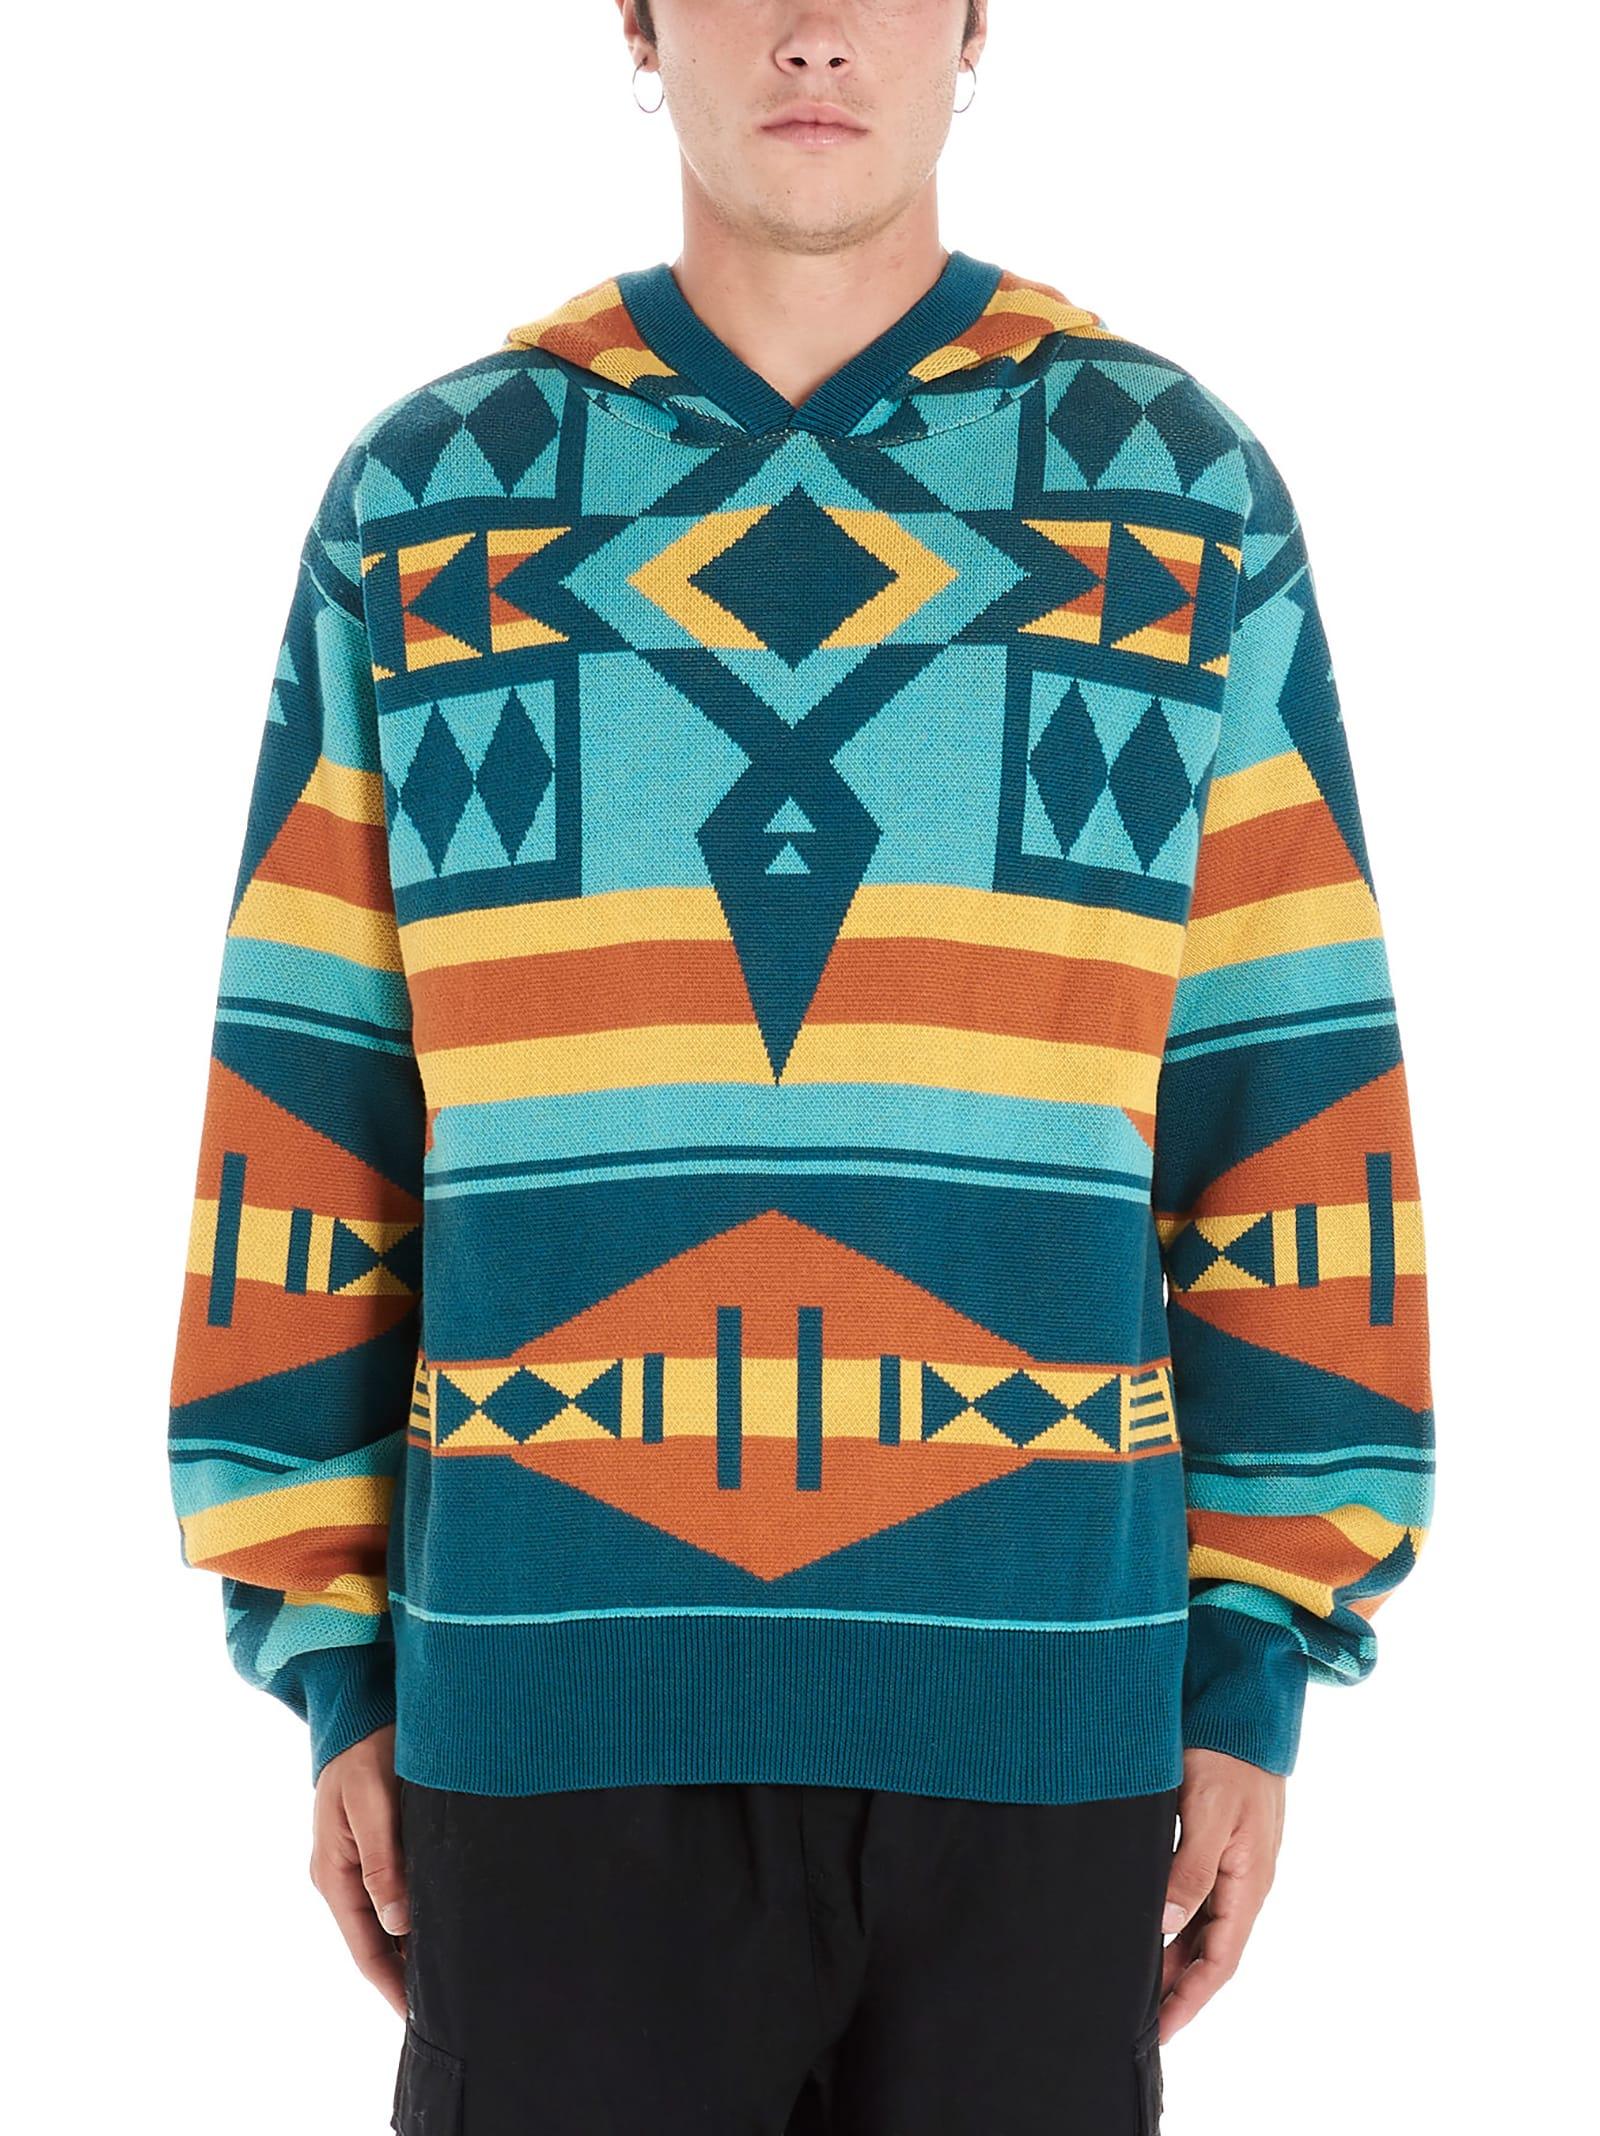 islanders Sweater